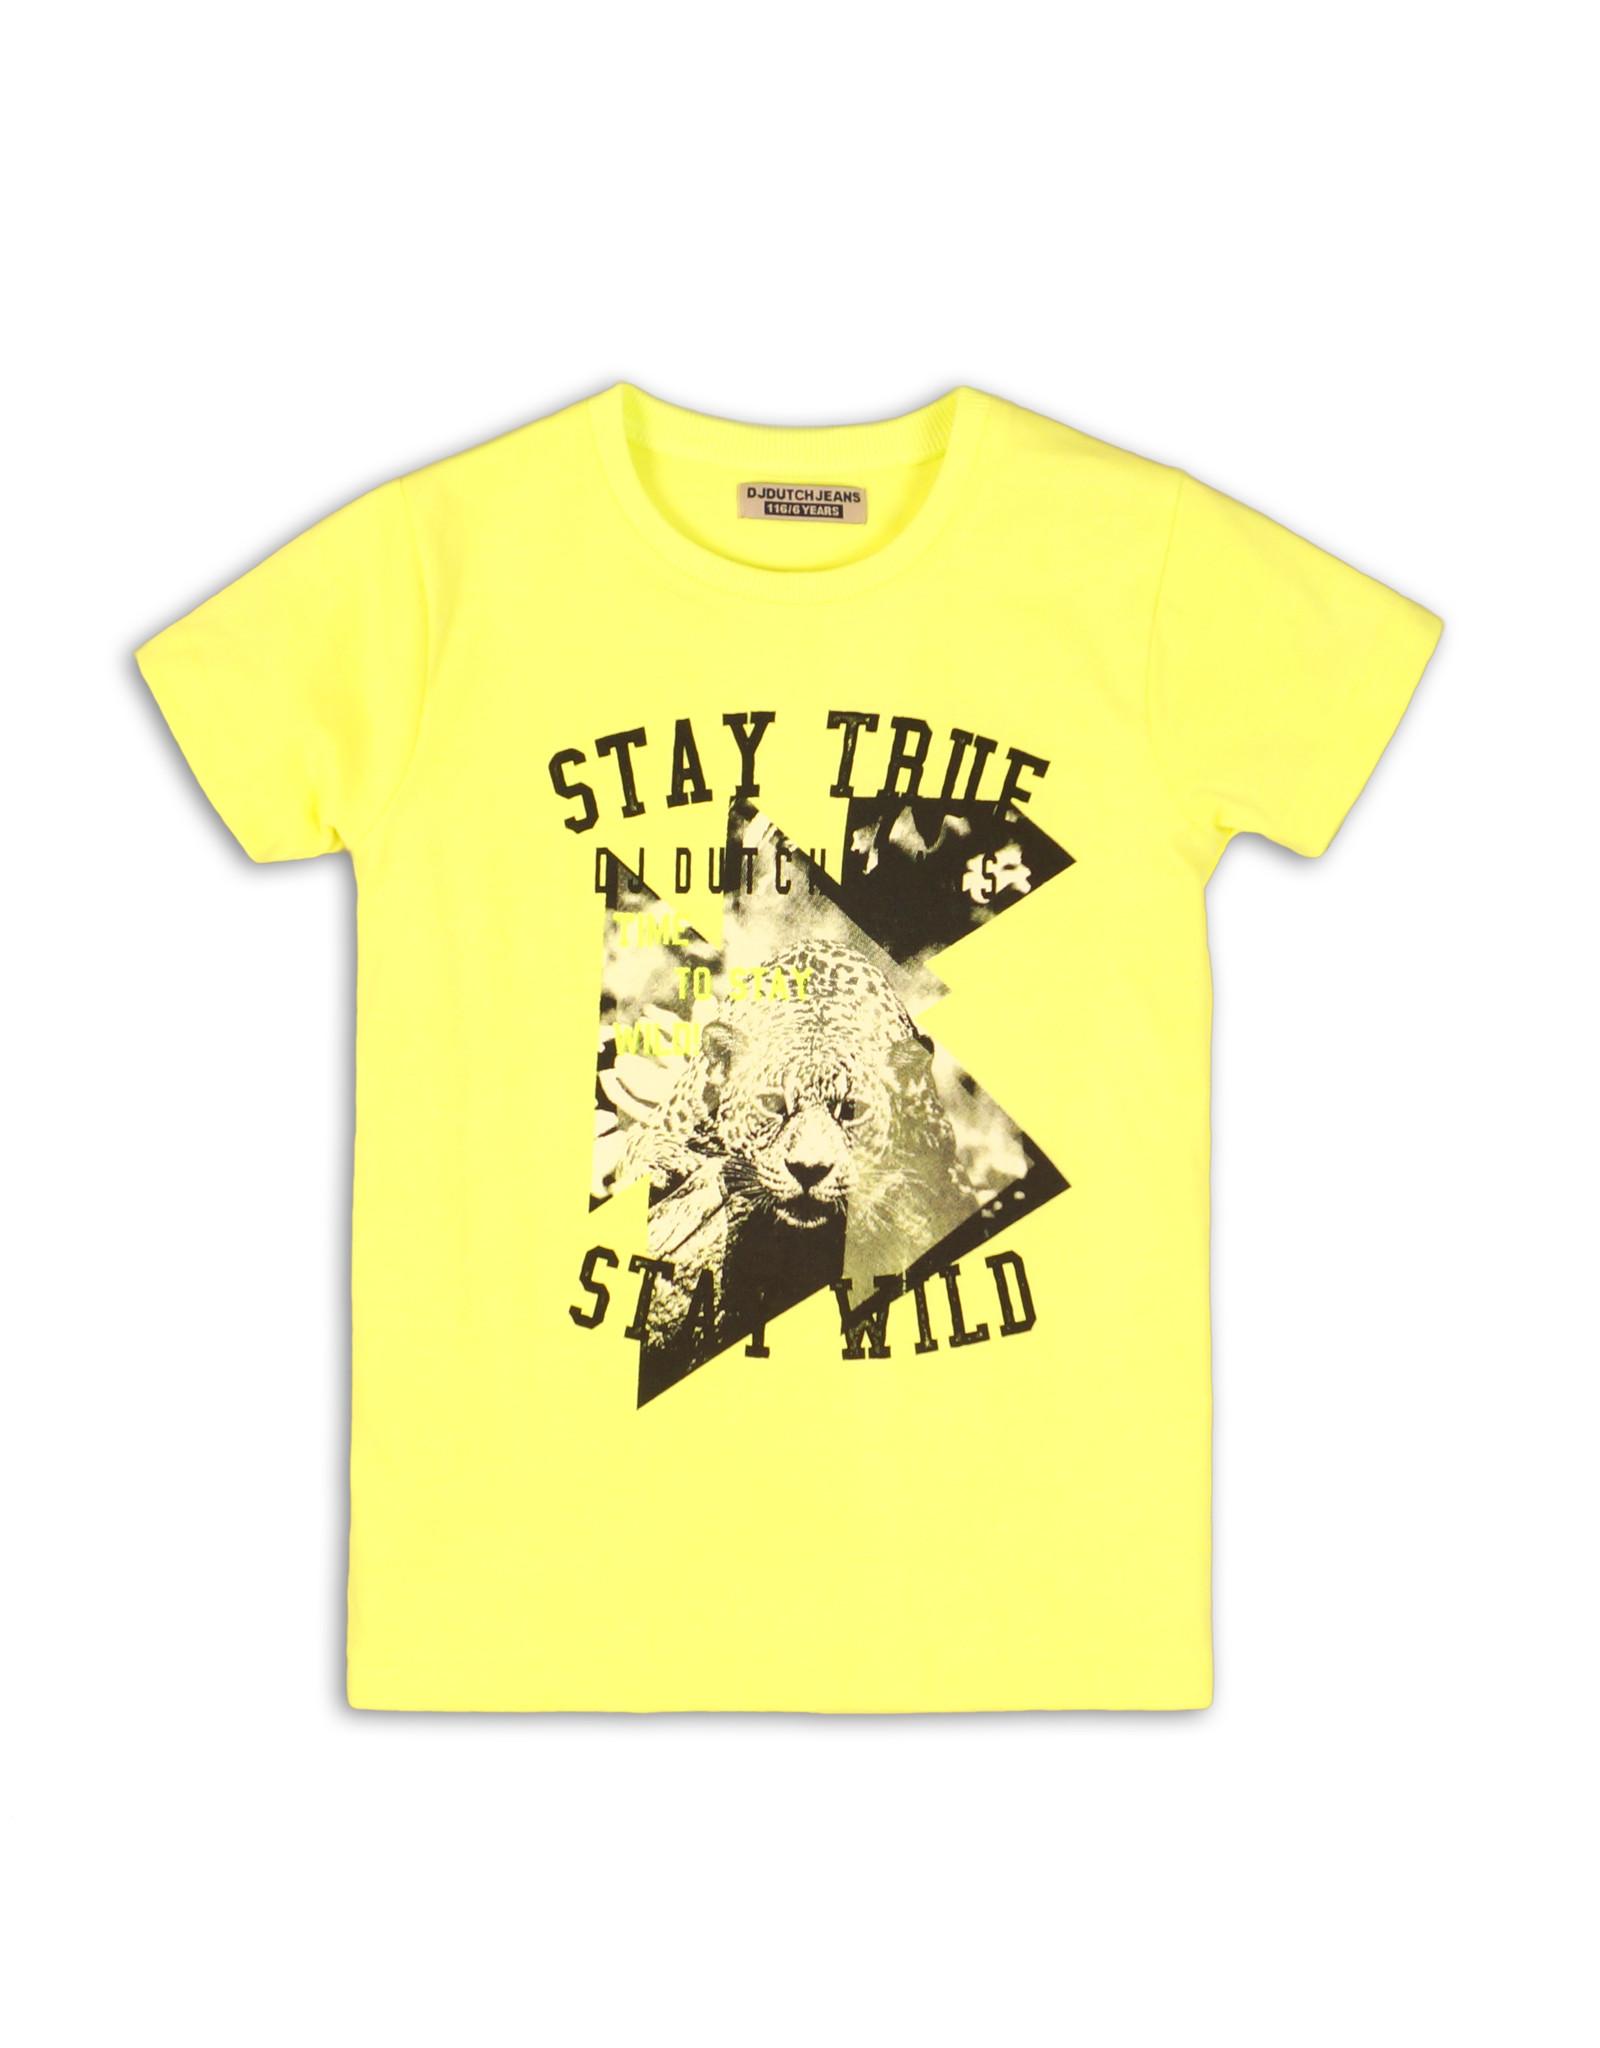 Dutch Jeans T shirt, 45C-34188